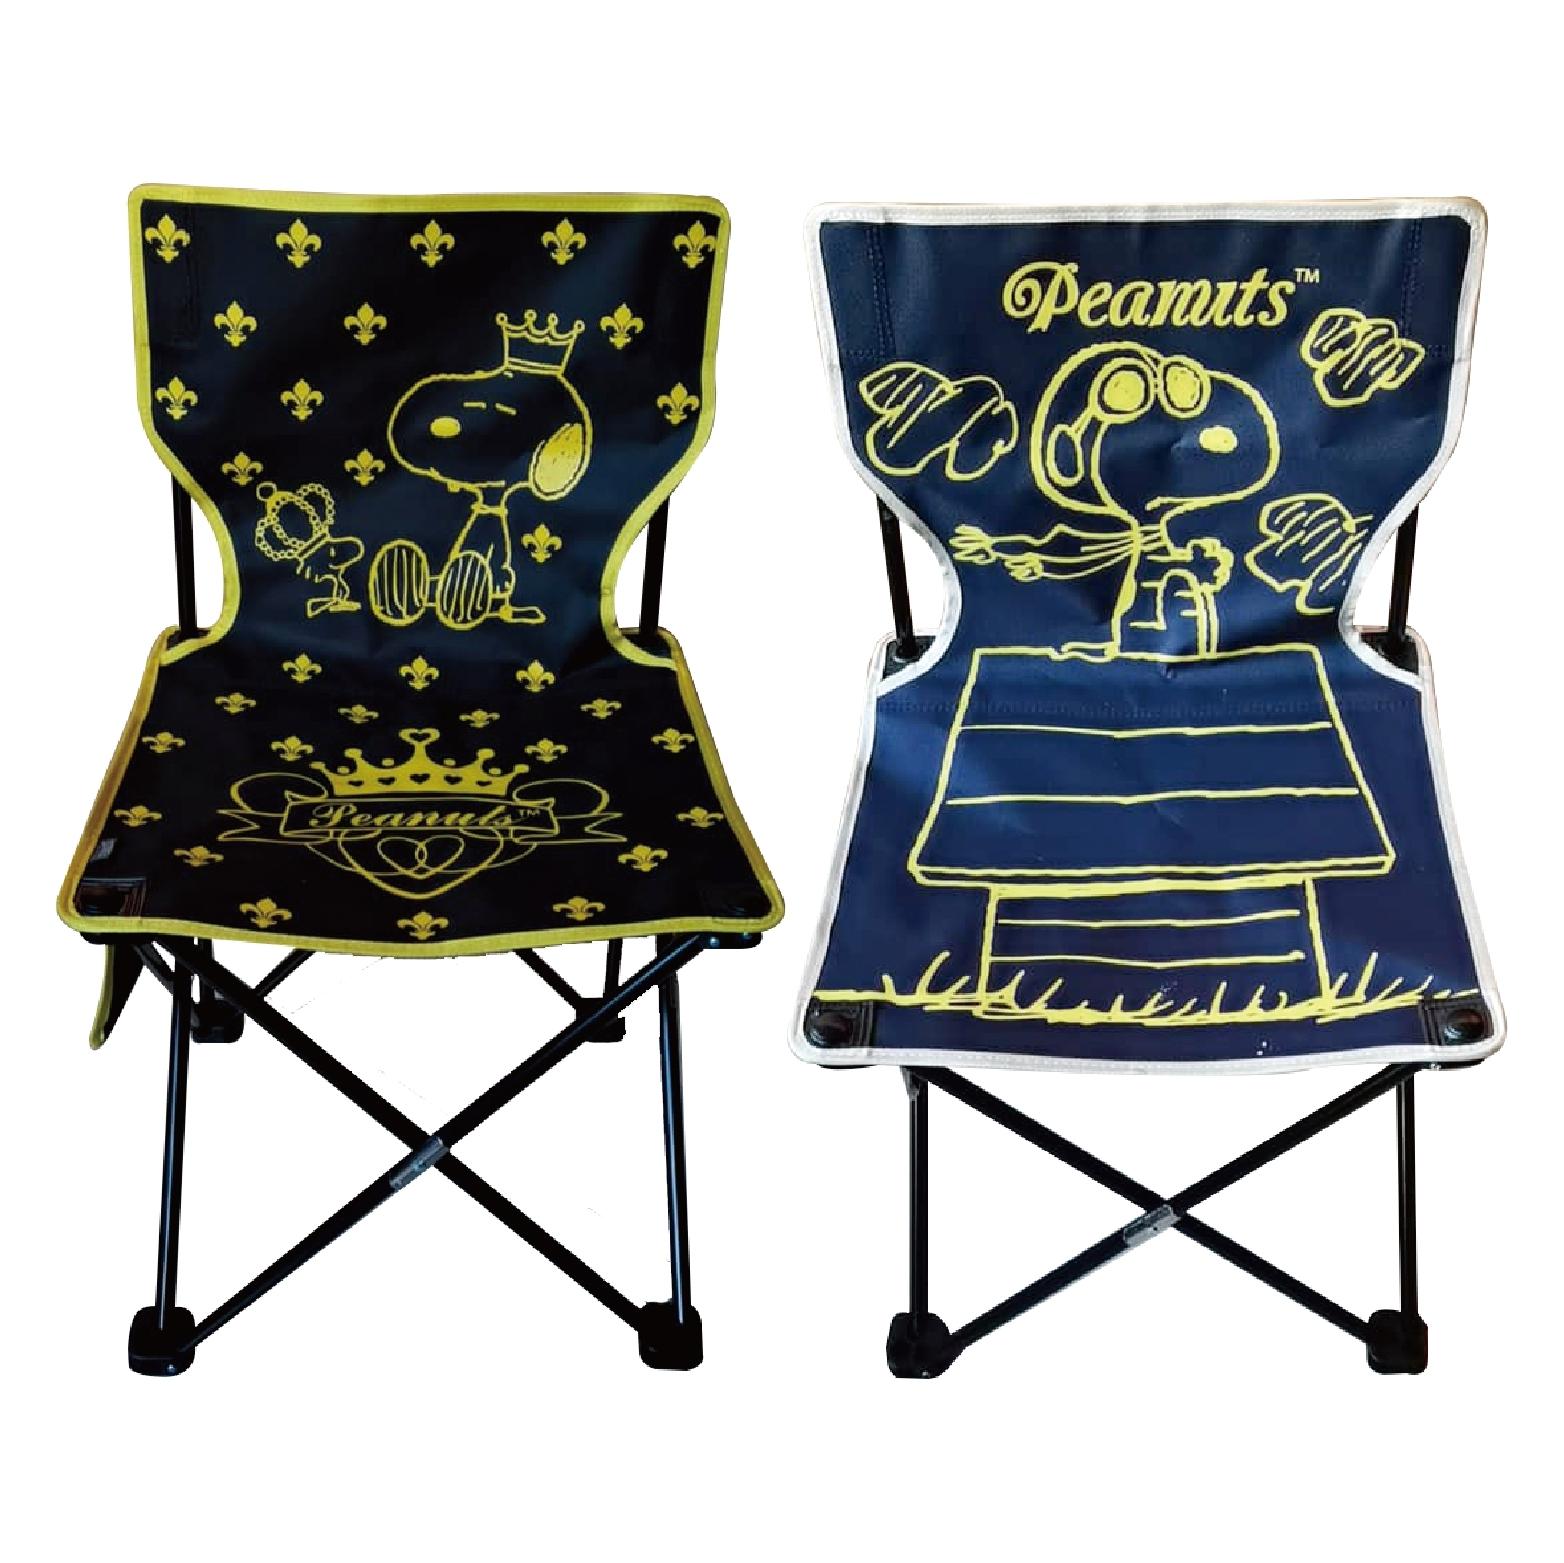 【史努比】摺疊休閒椅 2種款式-皇冠/飛行 正版授權【限宅配到府】